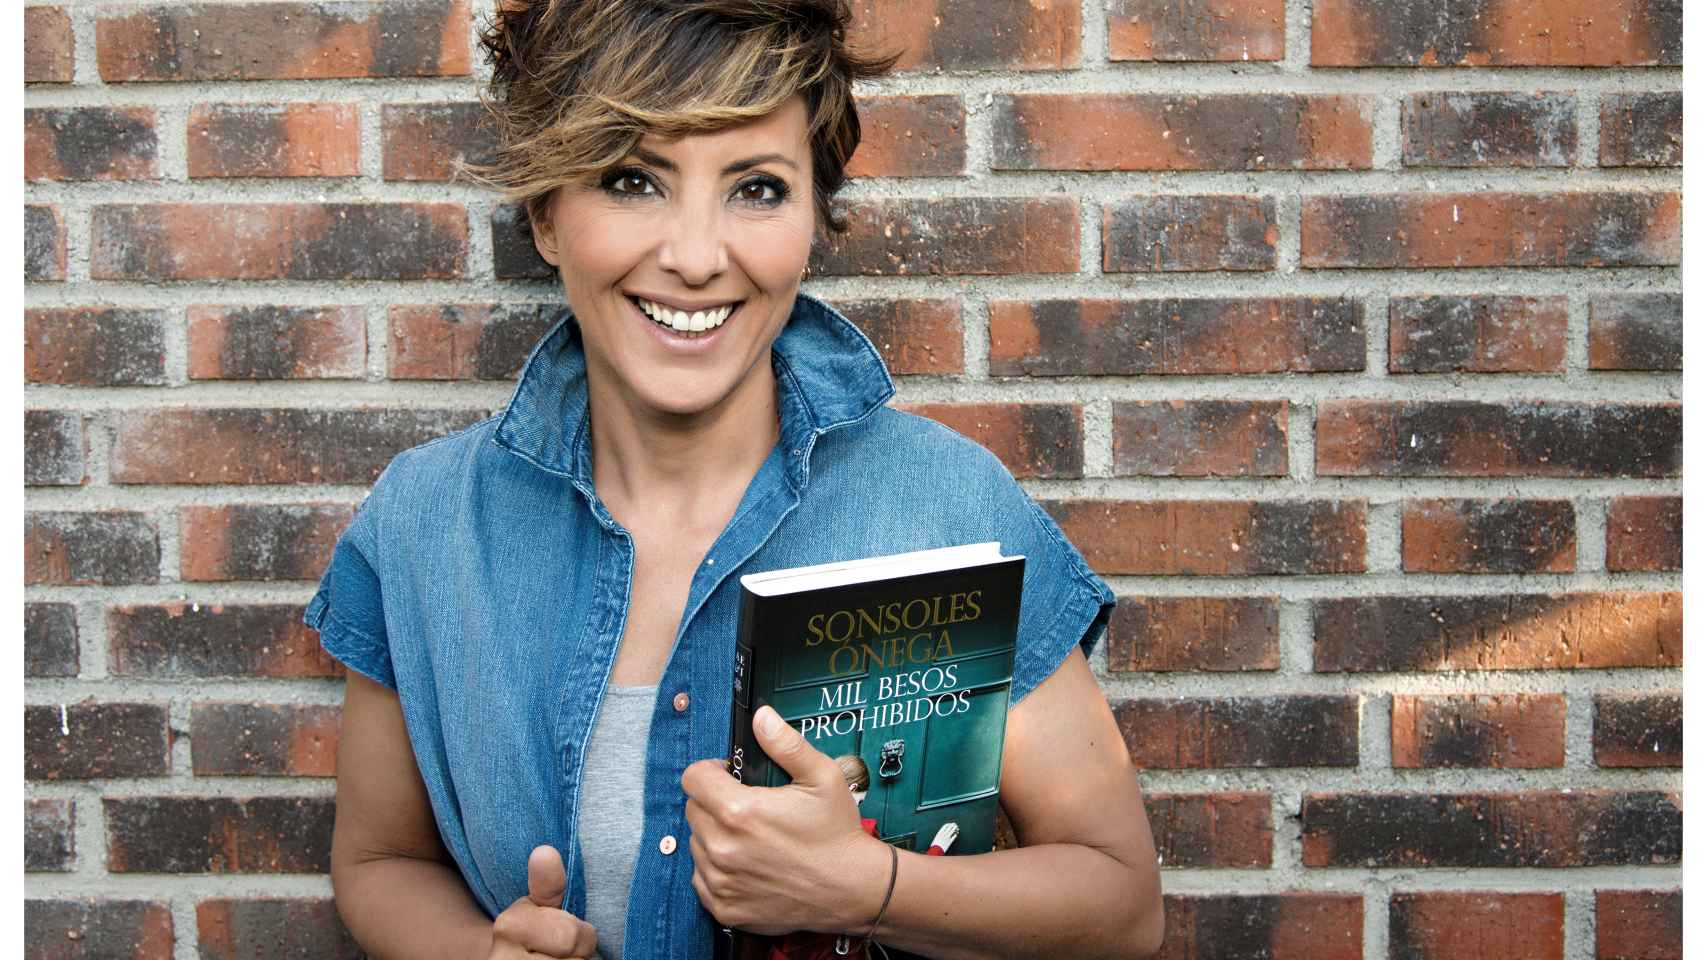 'Mil besos prohibidos' es el último libro de Sonsoles Ónega